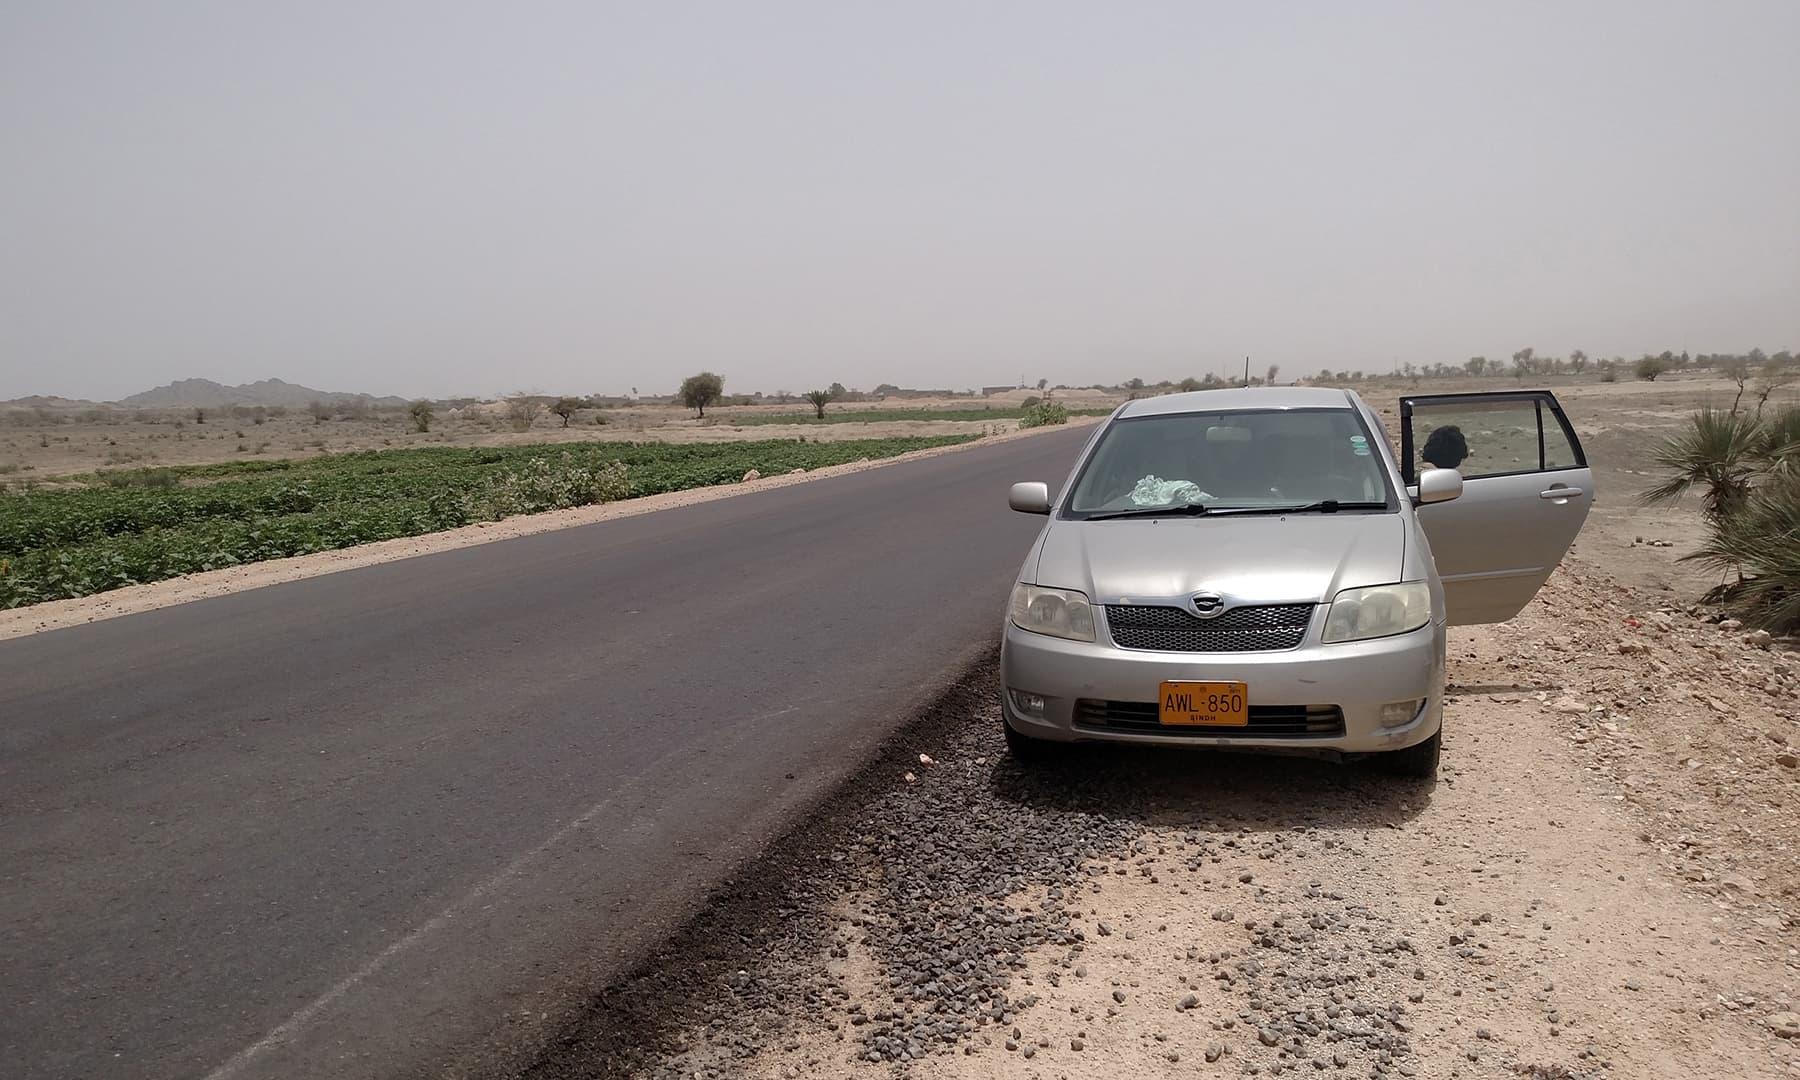 وہ کار جس میں ہم نے سفر کیا—تصویر عبیداللہ کیہر